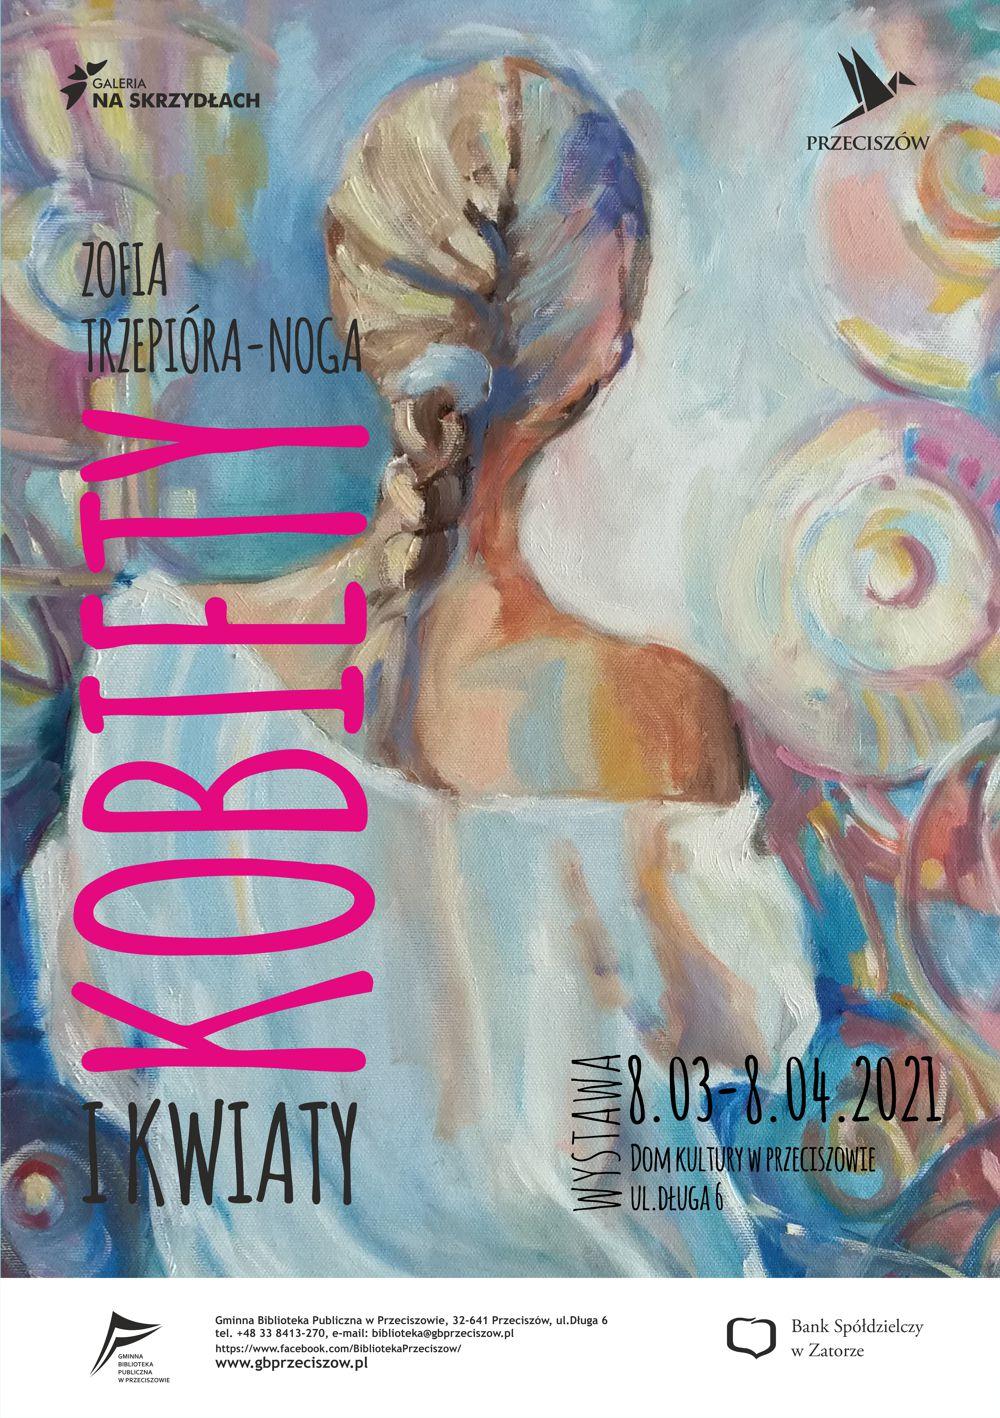 """Zofia Trzepióra – Noga w Galerii """"Na Skrzydłach"""". Wystawa prac pt.""""KOBIETY I KWIATY"""" – 8.03-8.04.2021"""